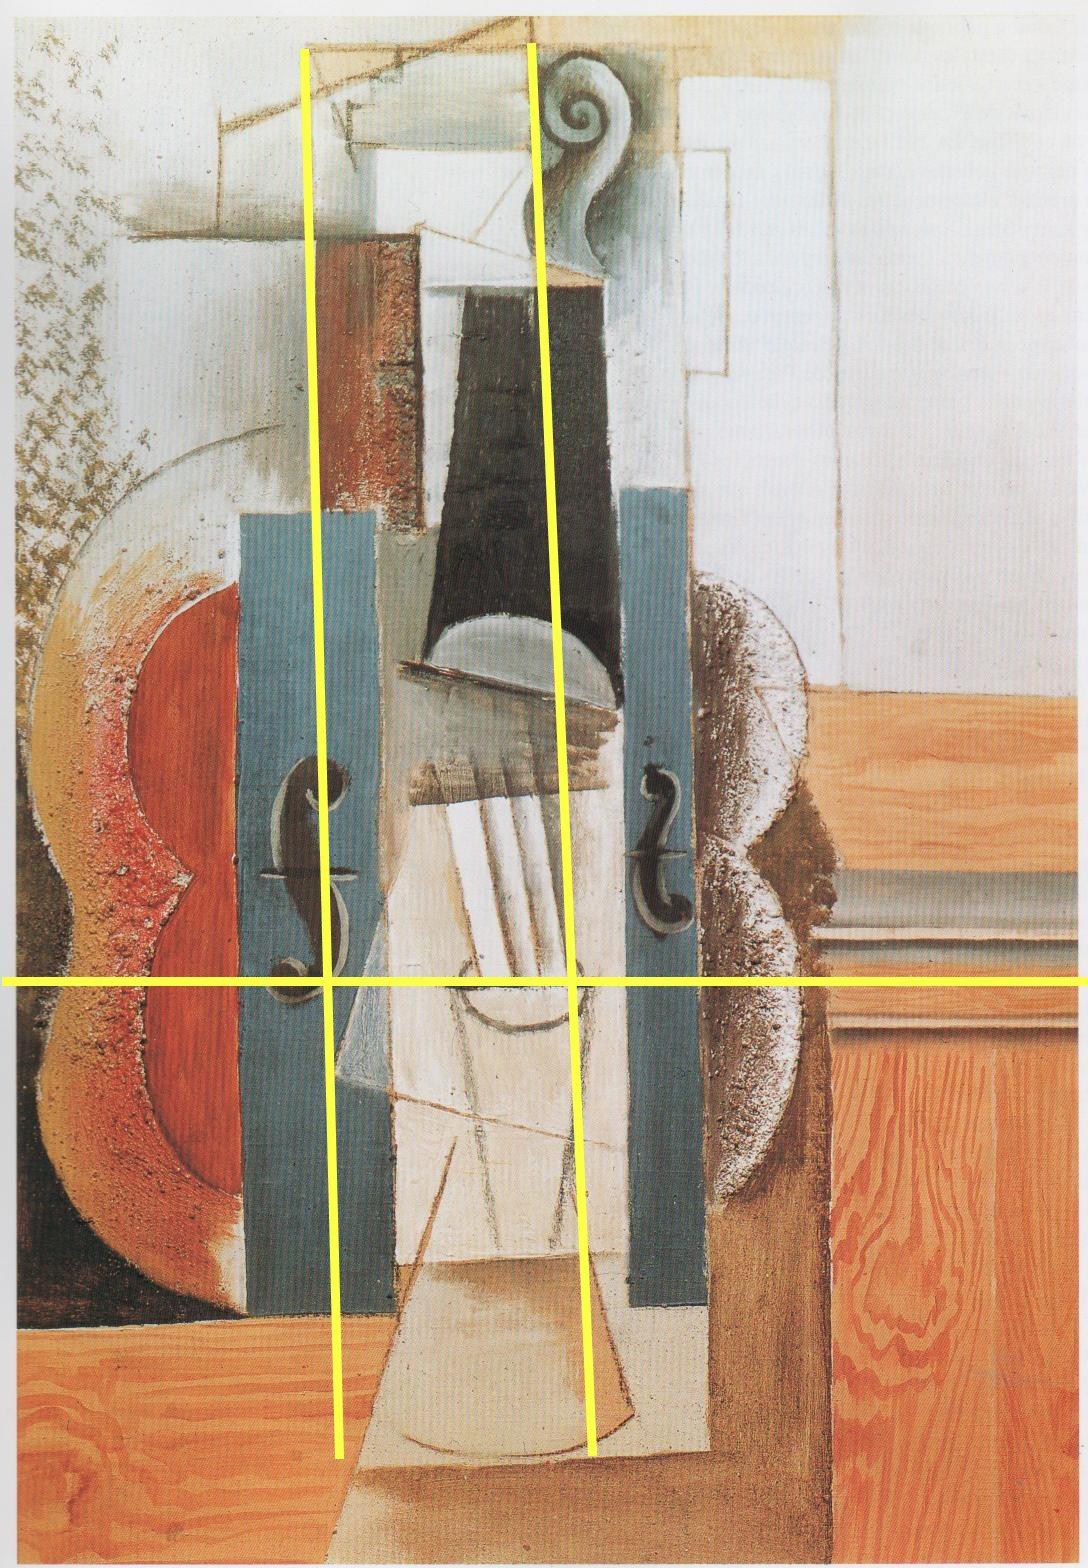 composizione cubista step 1